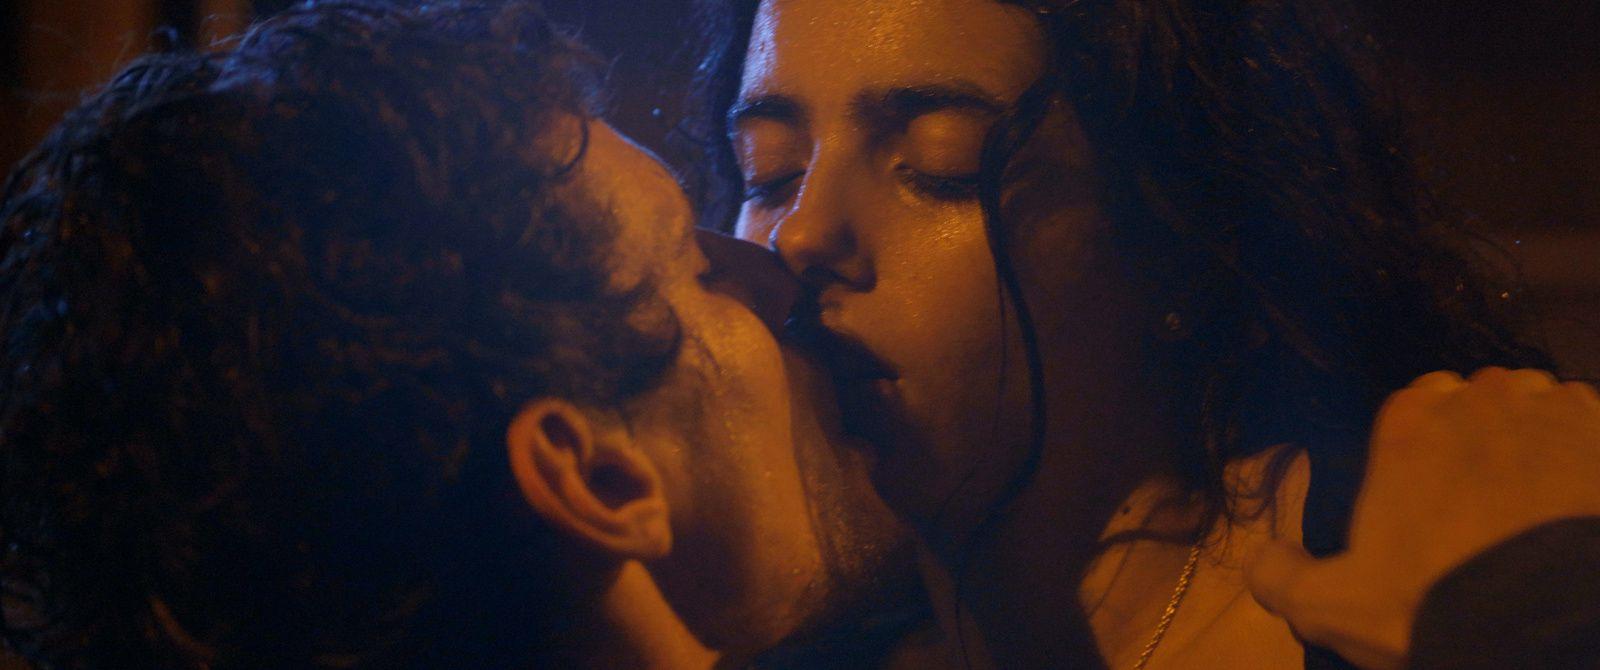 Tu mérites un amour (BANDE-ANNONCE) de et avec Hafsia Herzi - Le 11 septembre 2019 au cinéma